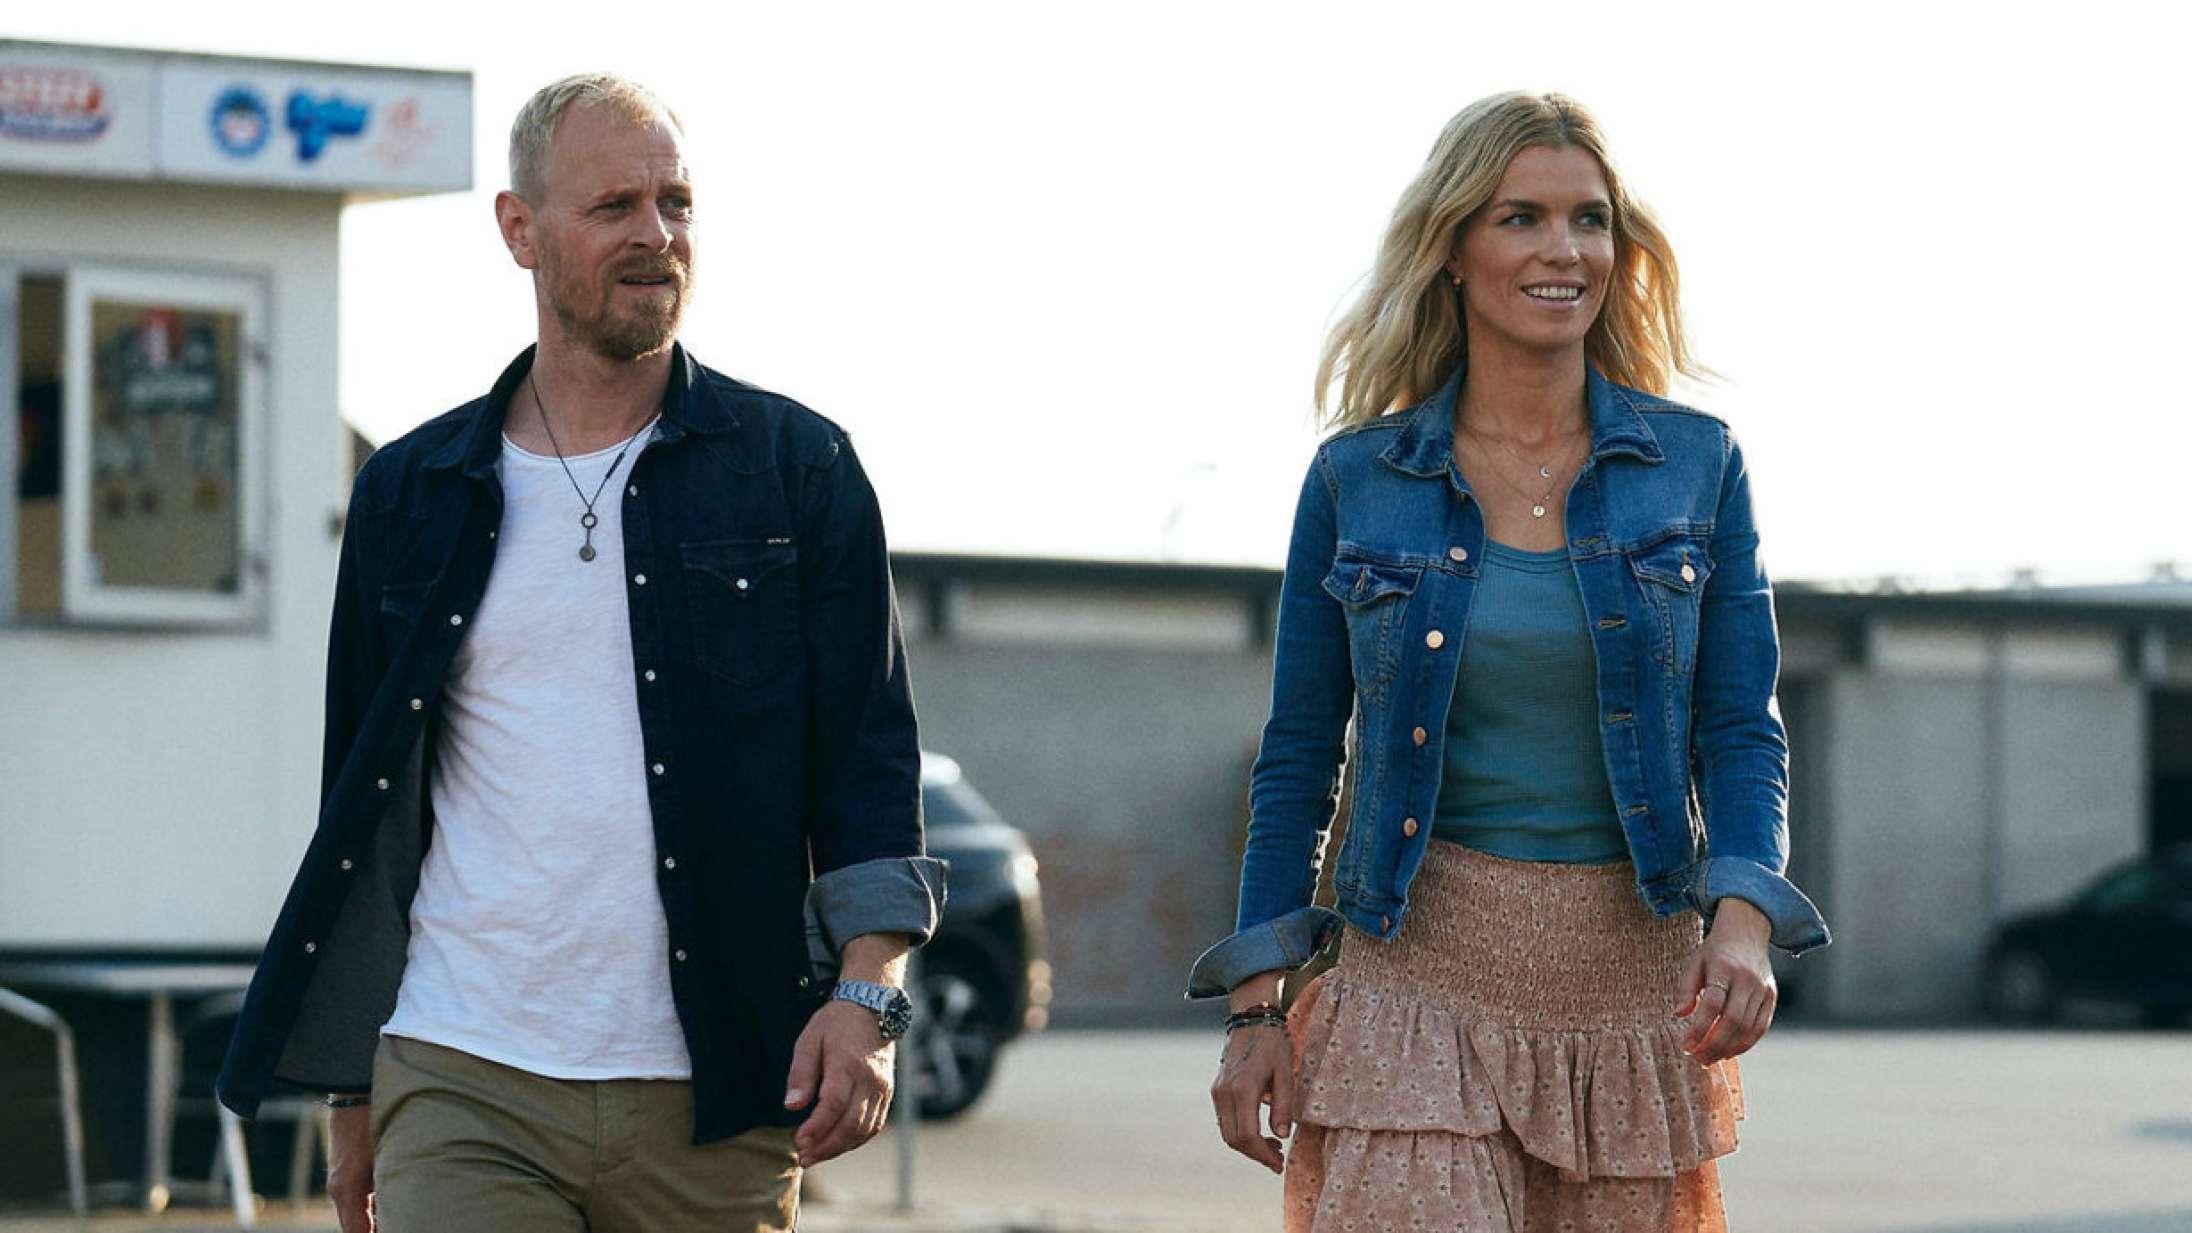 Afsløret, TV 2: Jeres nye krimi er en turistfælde for københavnersnuder